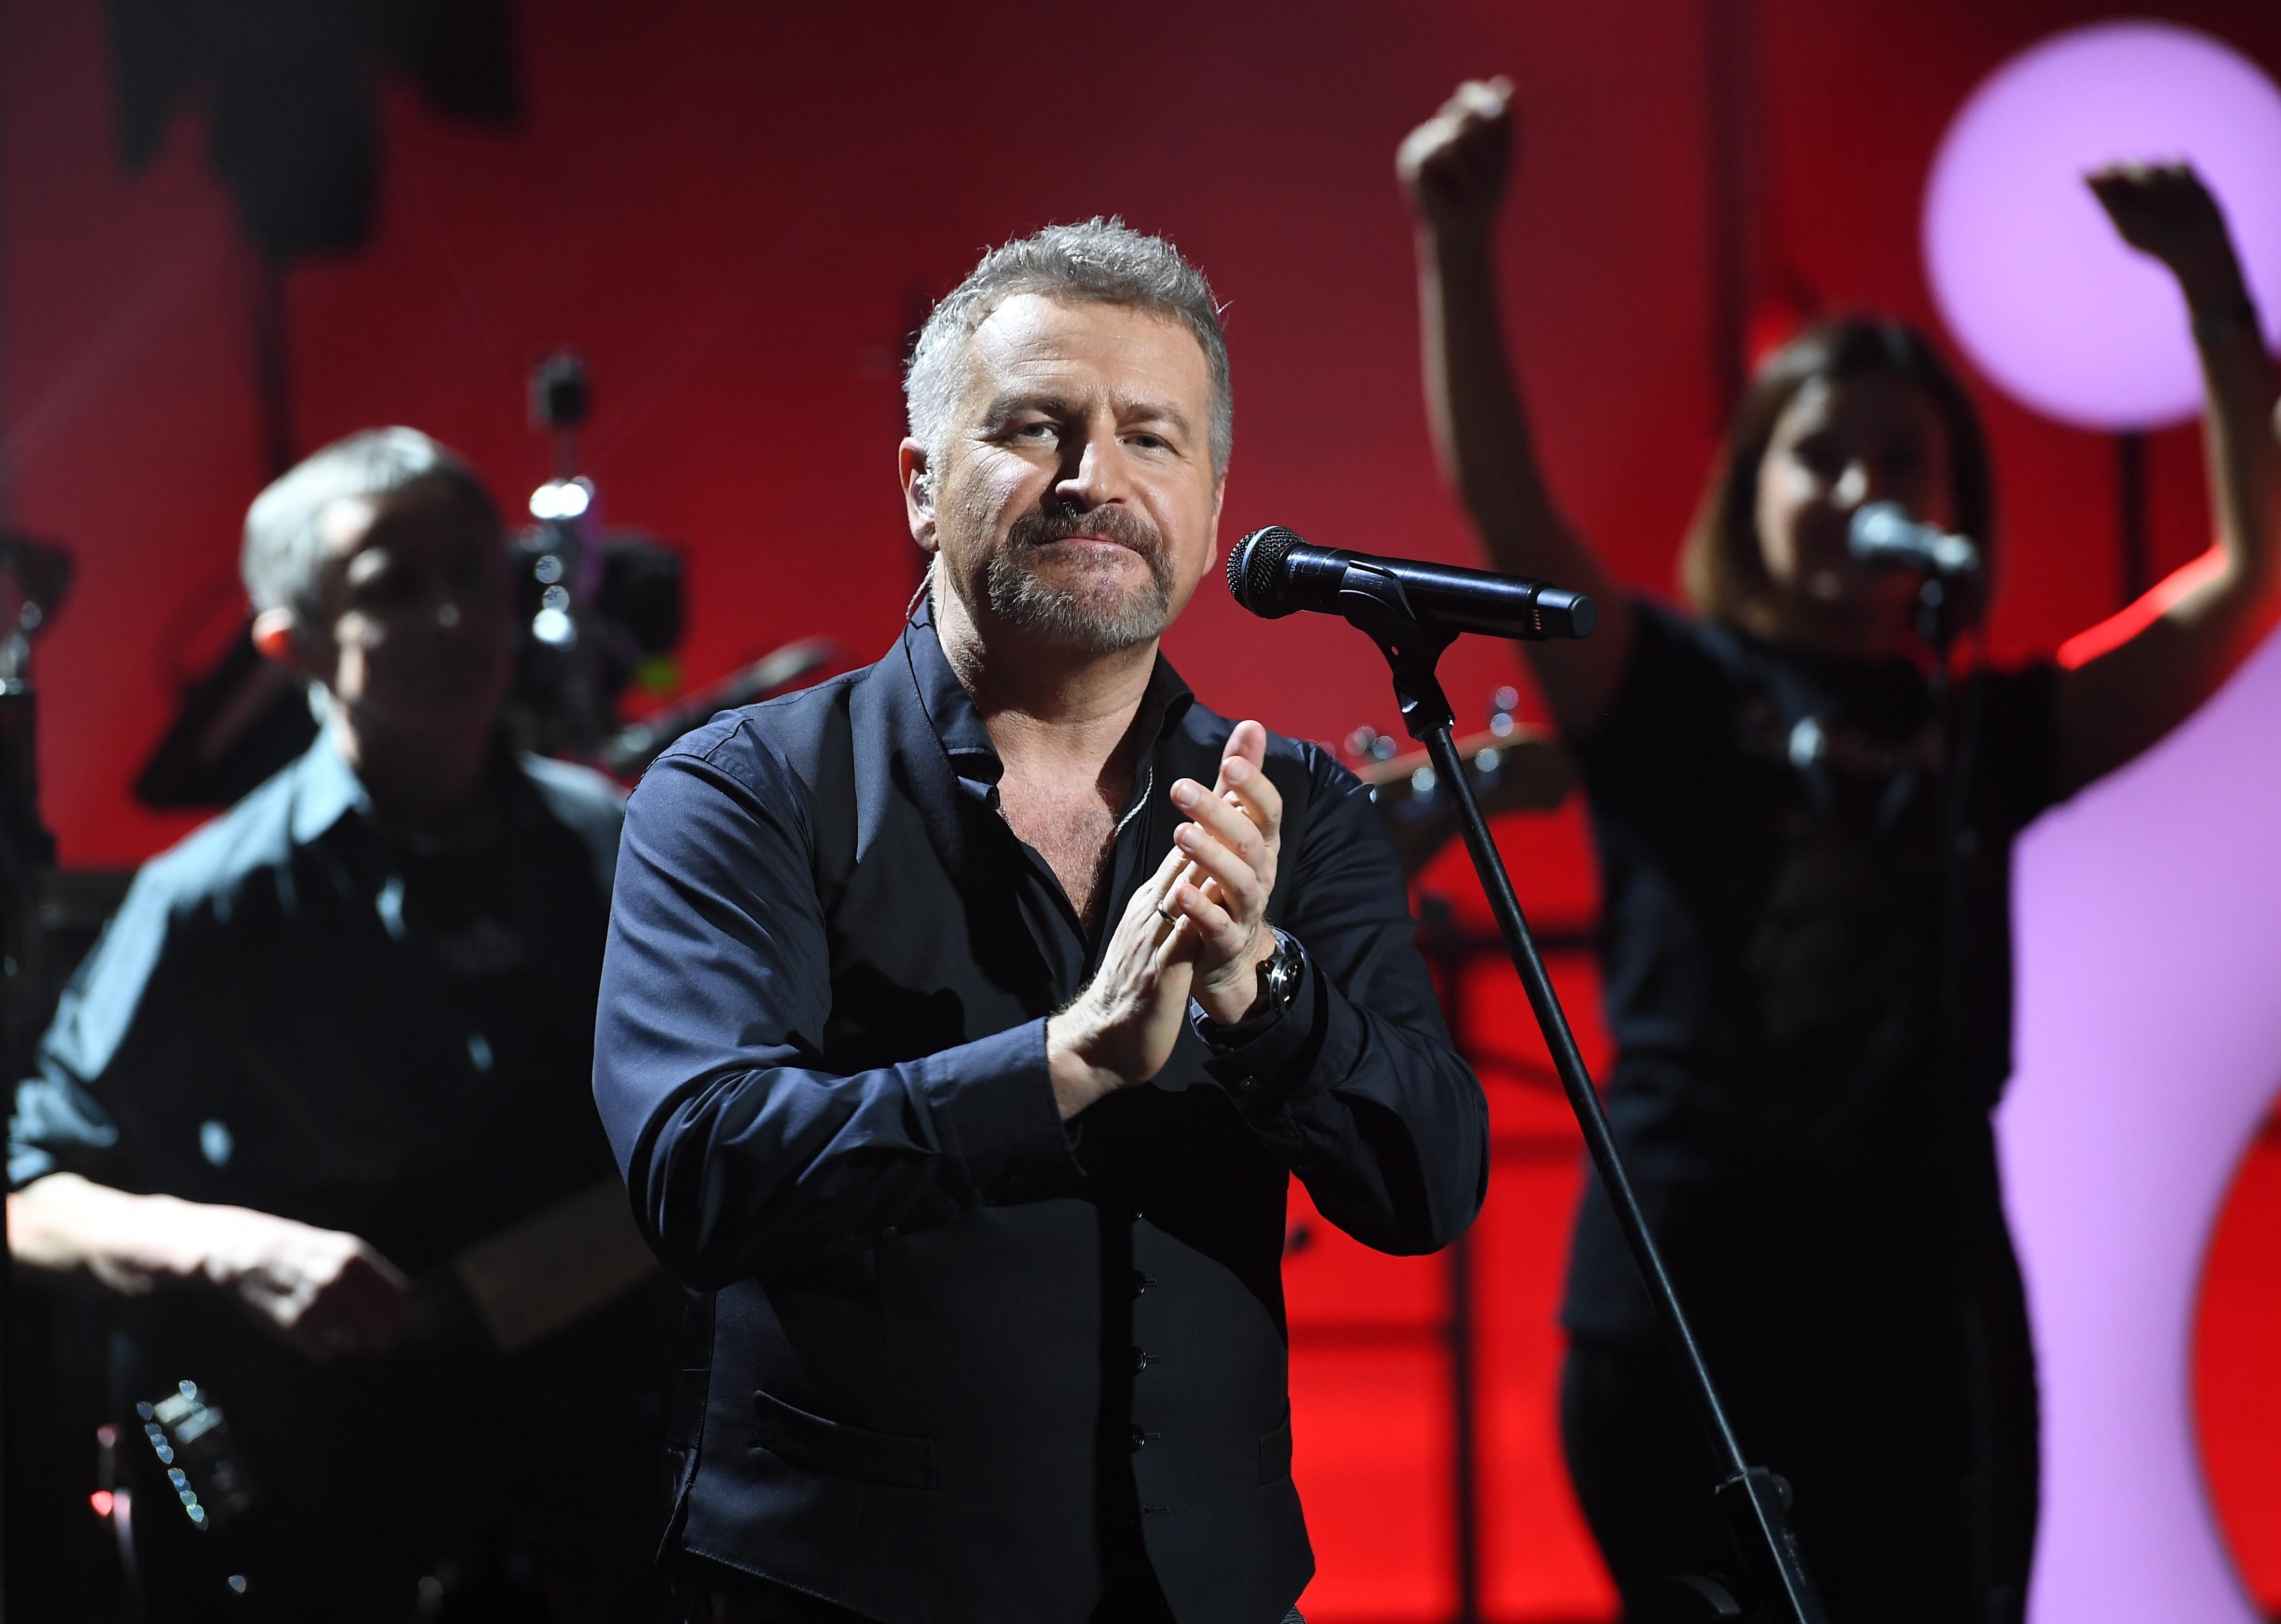 «Ох, началось!» — Агутин оправдался за критику песни Manizhа для «Евровидения»